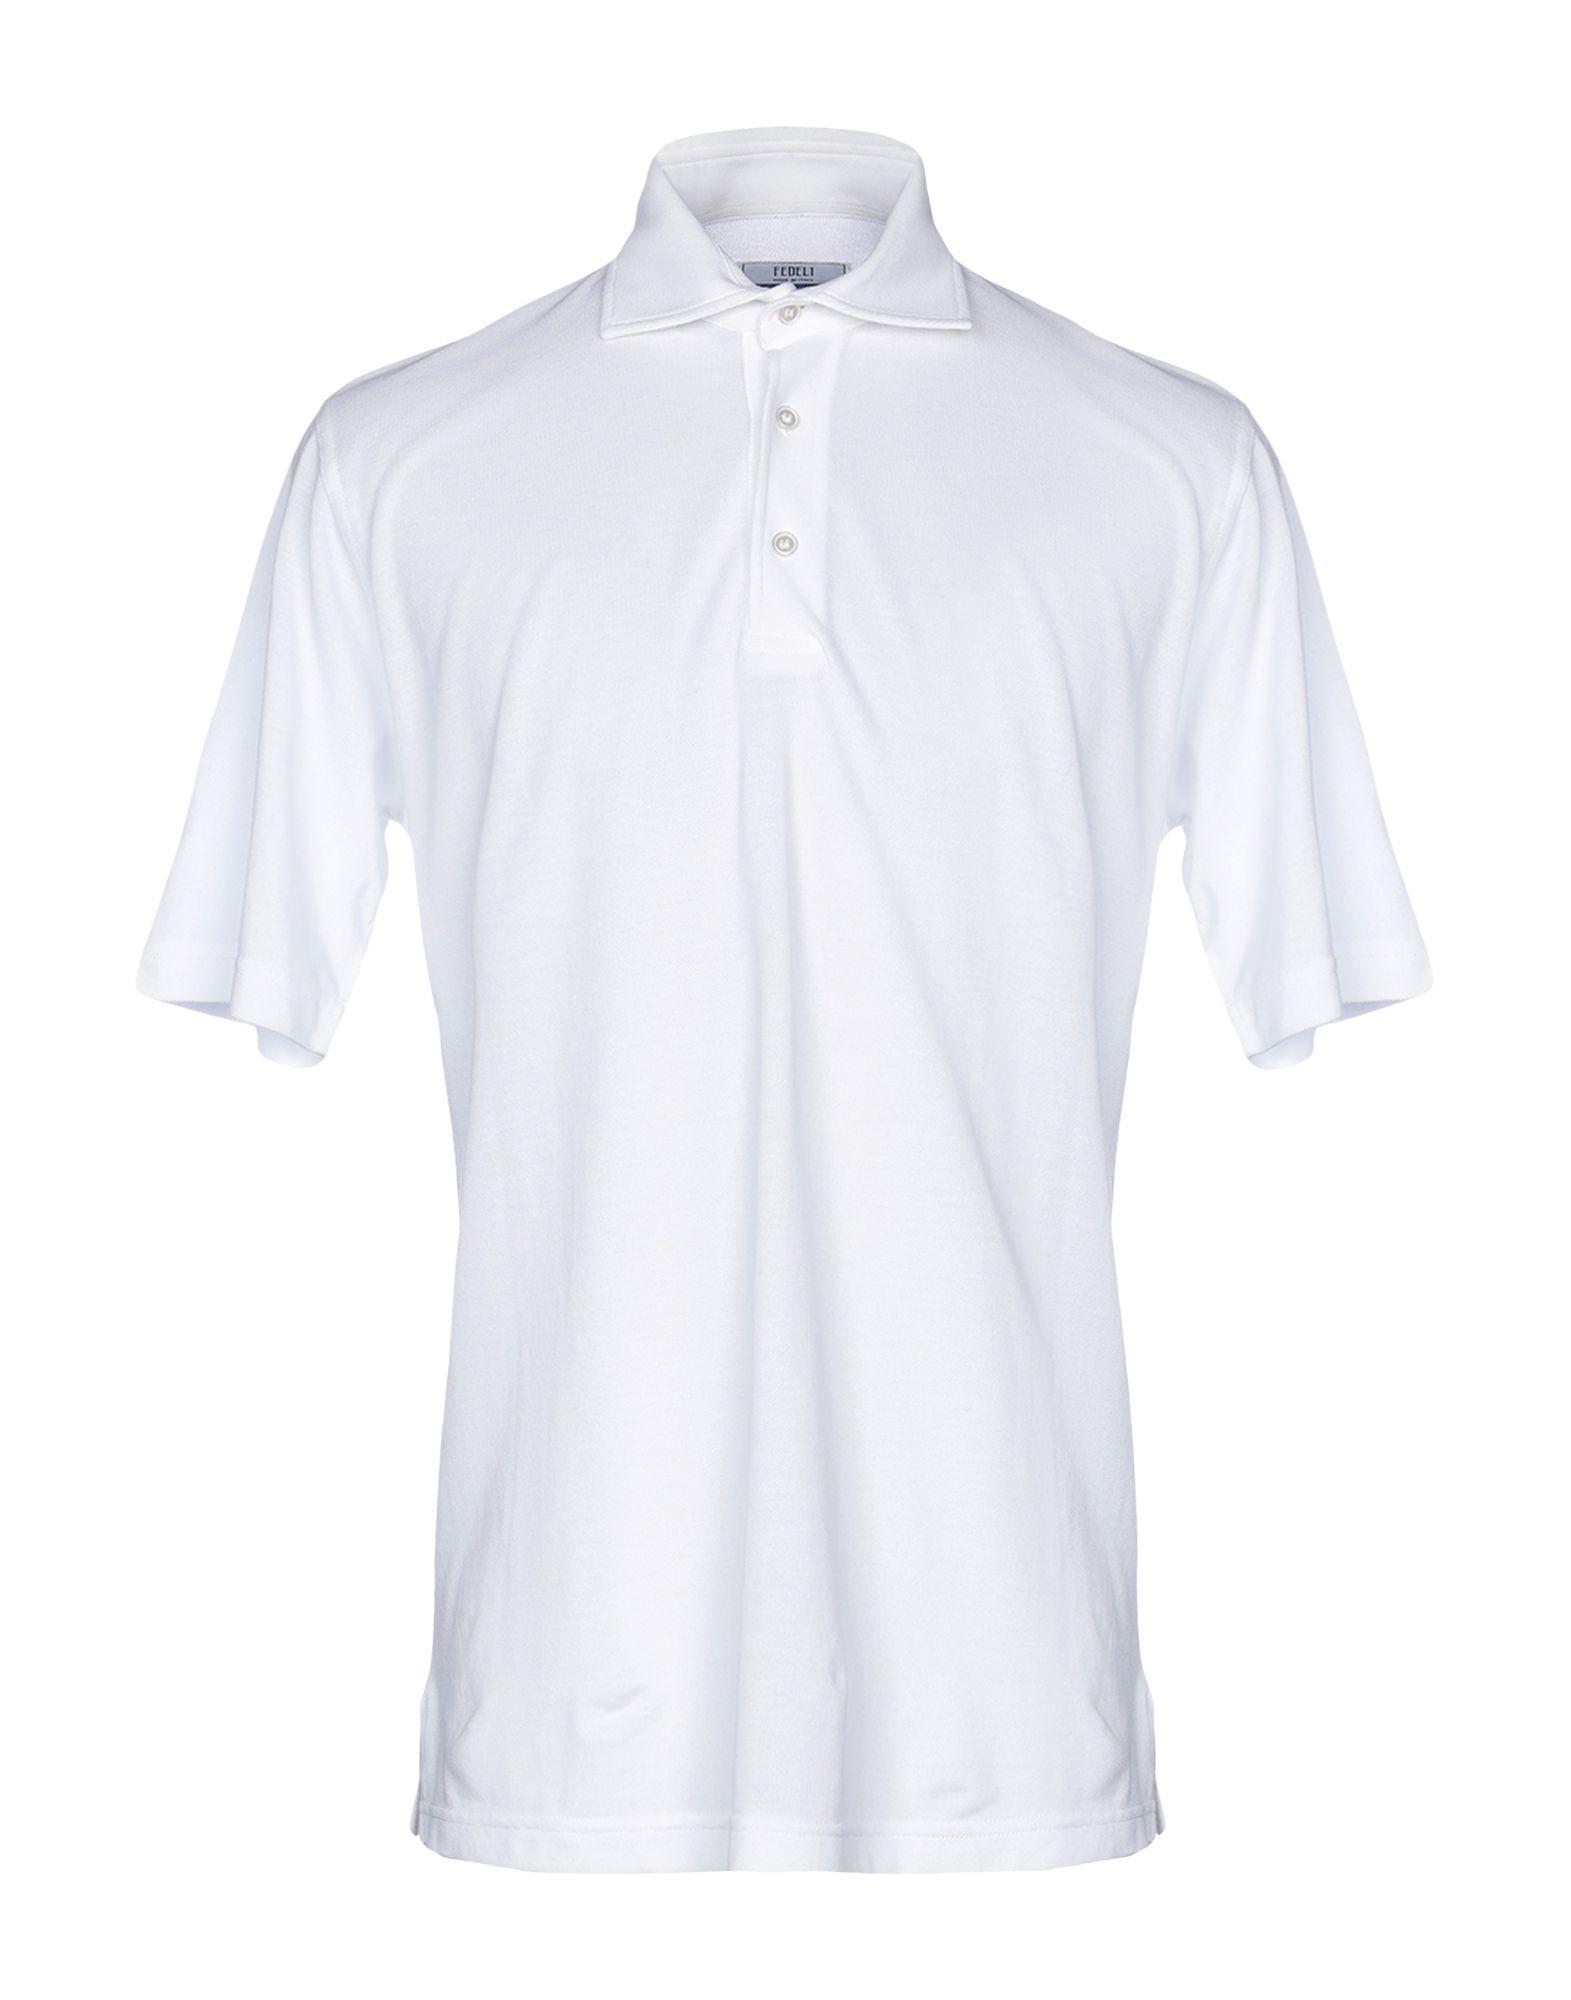 《送料無料》FEDELI メンズ ポロシャツ ホワイト 54 コットン 100%